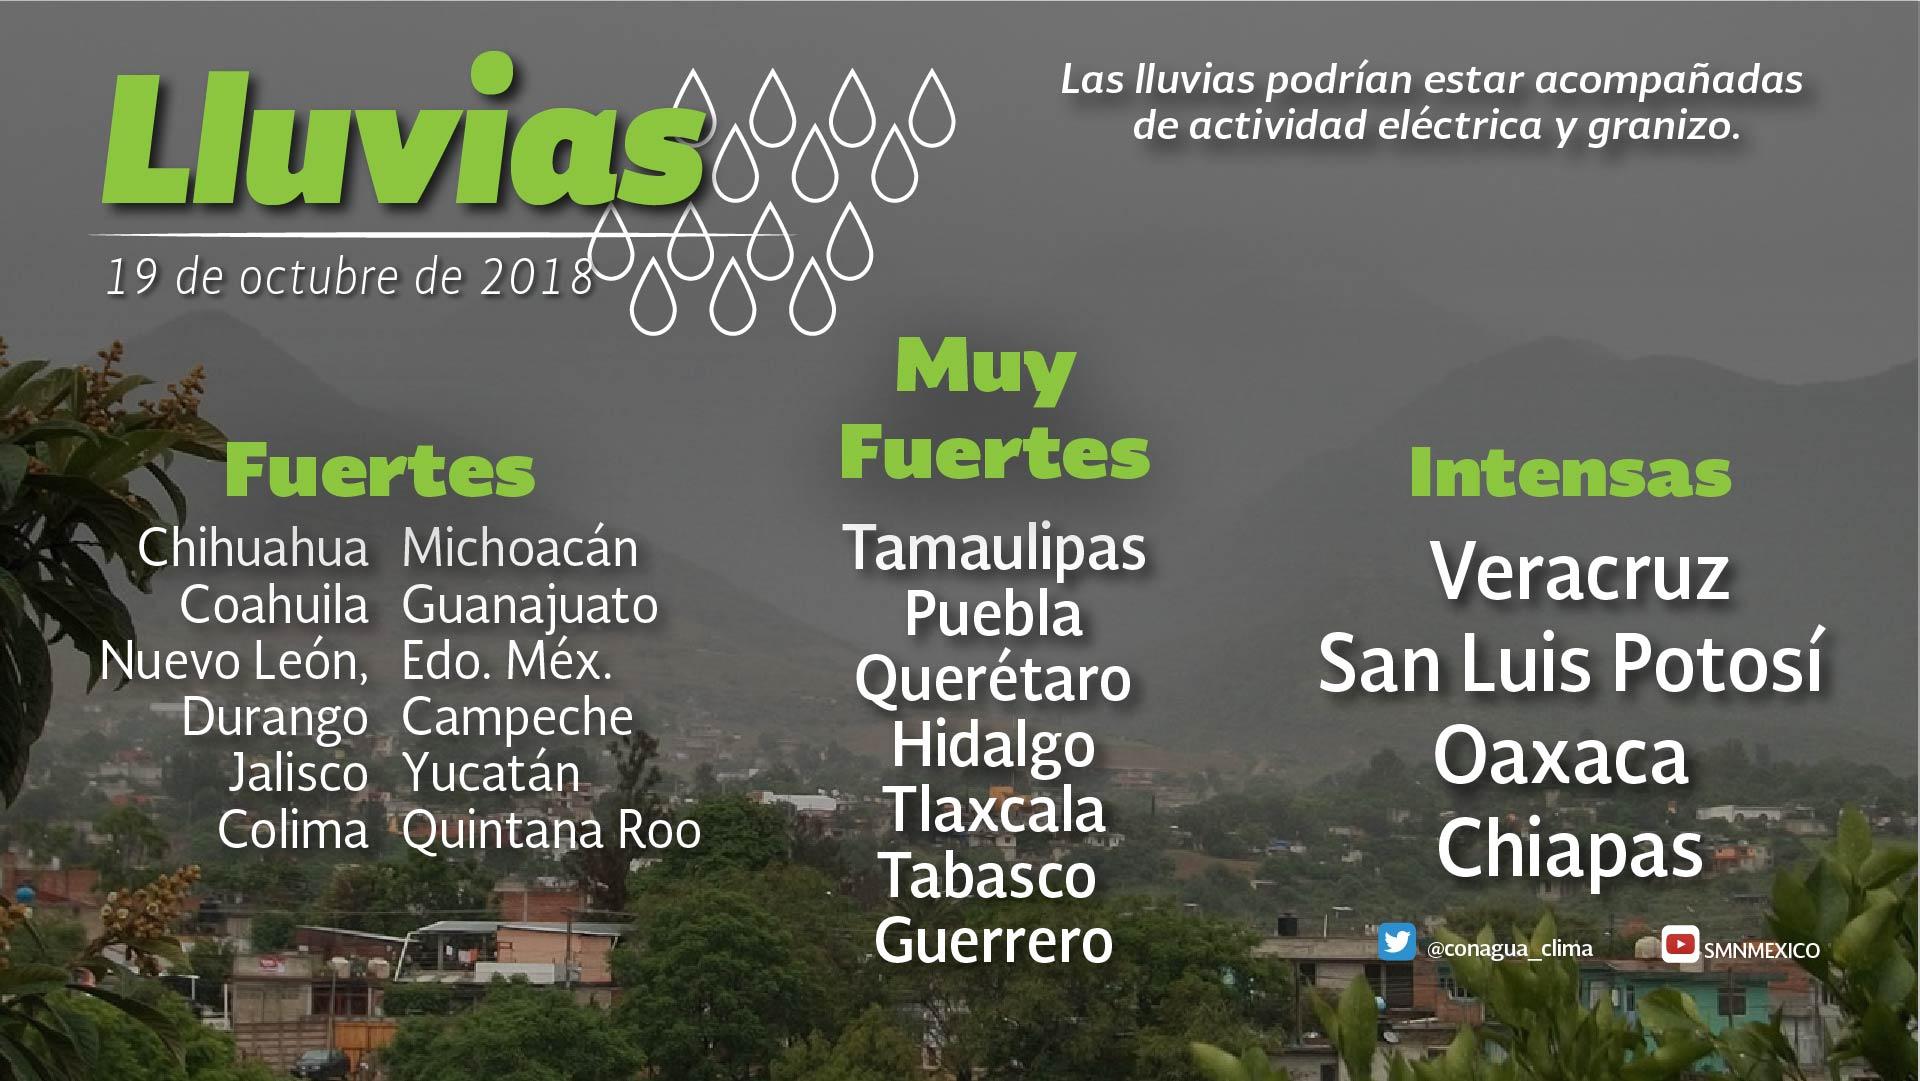 Pronostican tormentas torrenciales para Veracruz e intensas para Chiapas, Oaxaca y Guerrero